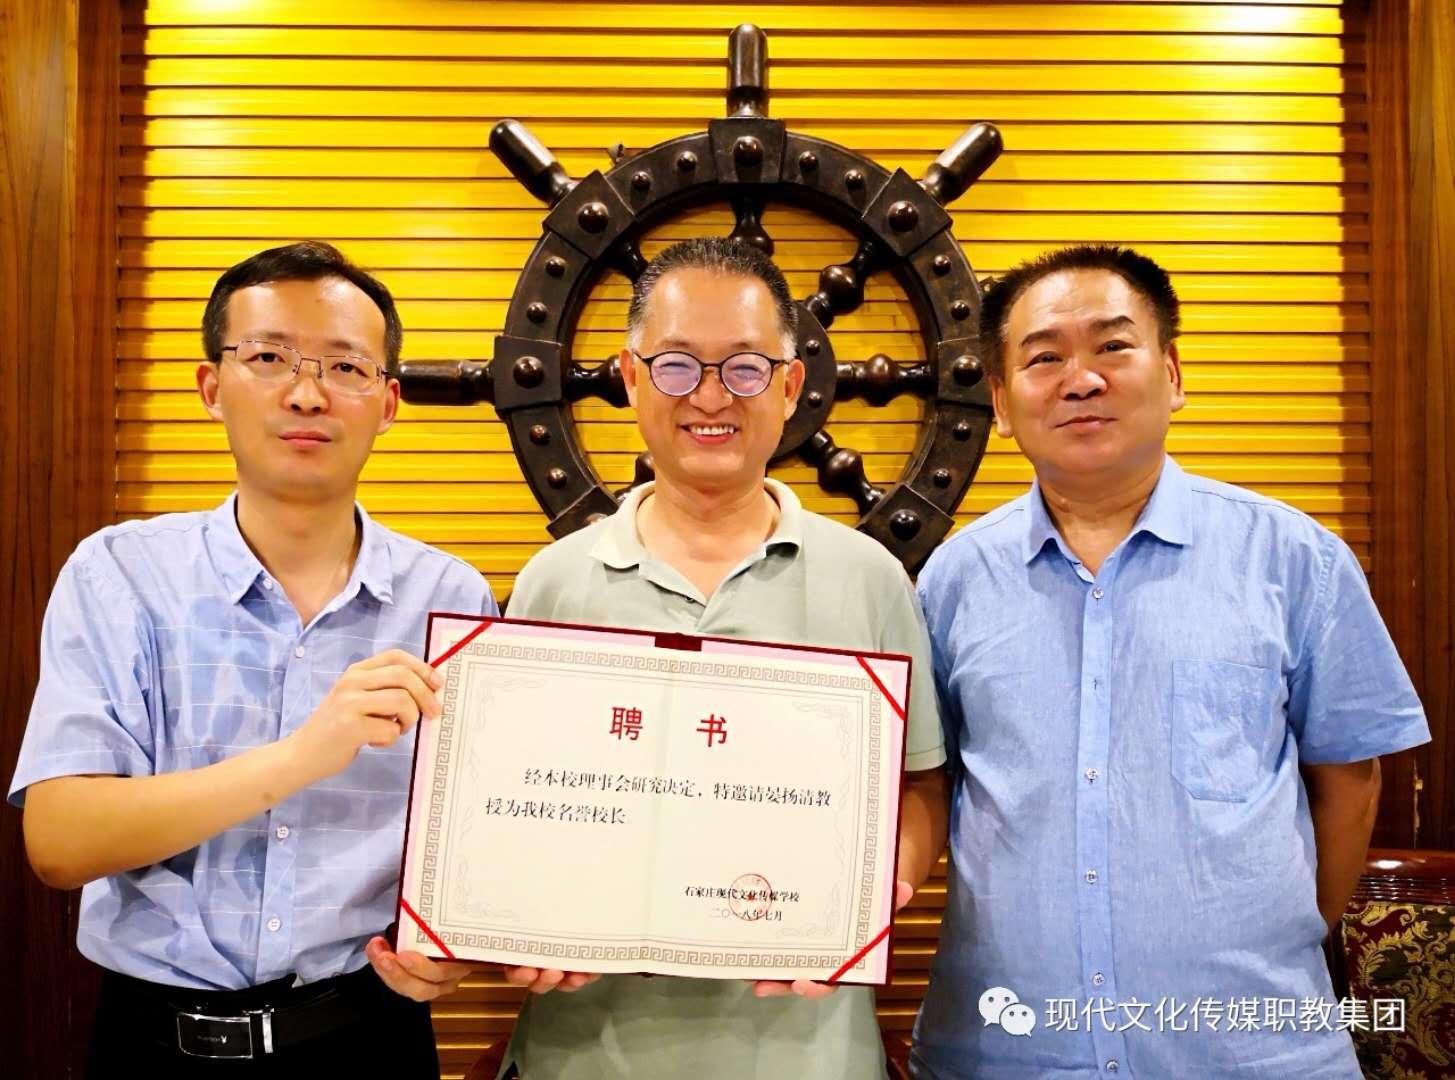 台湾工党副主席、高雄市两岸关系研究学会理事长、义守大学晏扬清教授